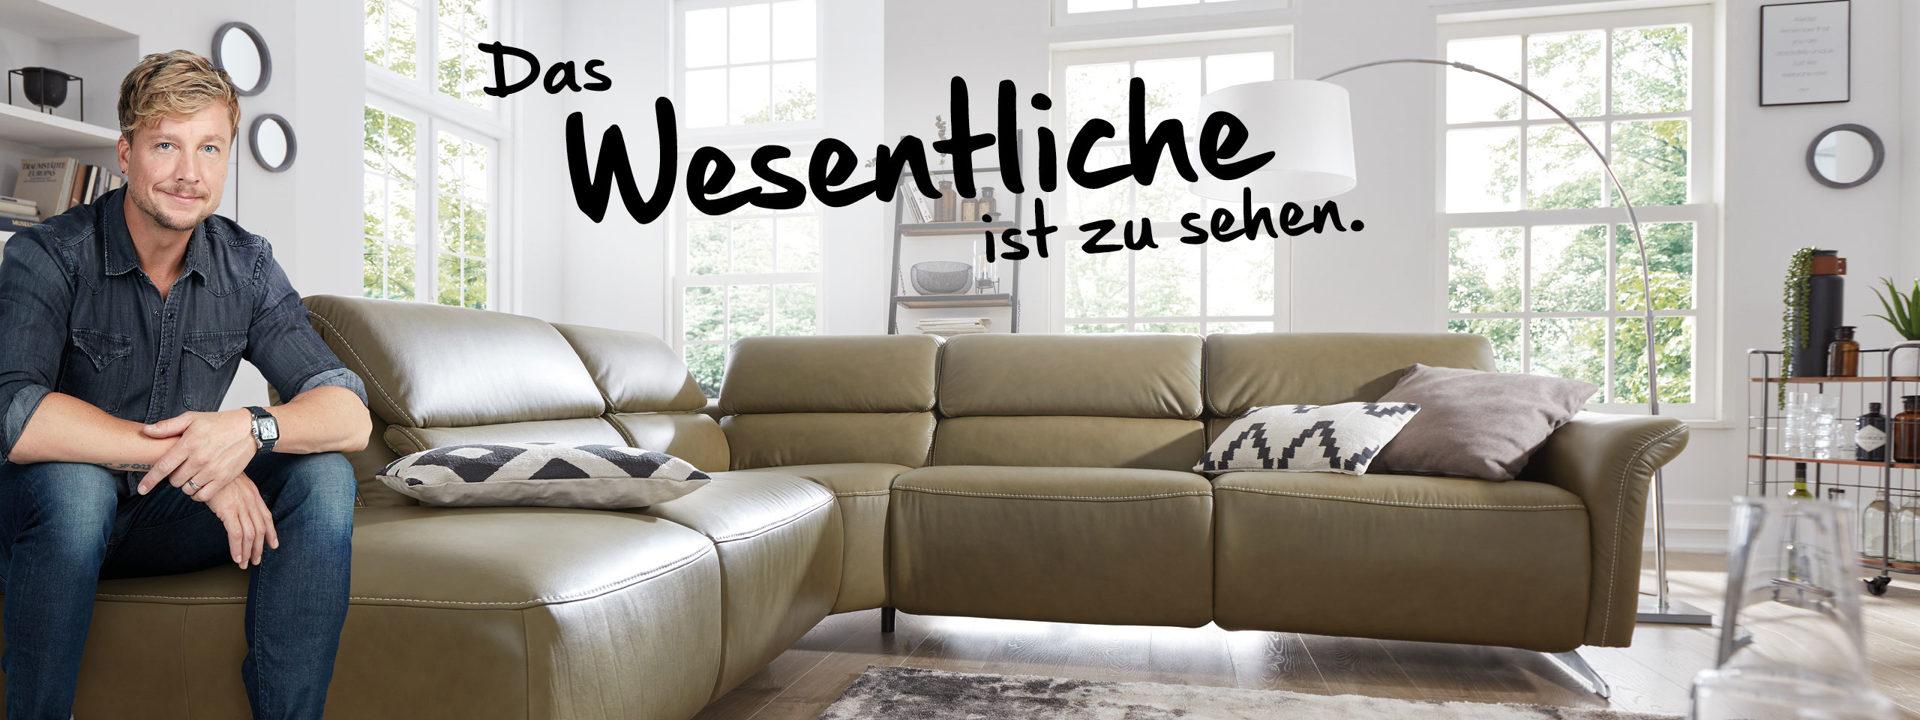 Interlivingcom Der Interliving Online Shop Küchen